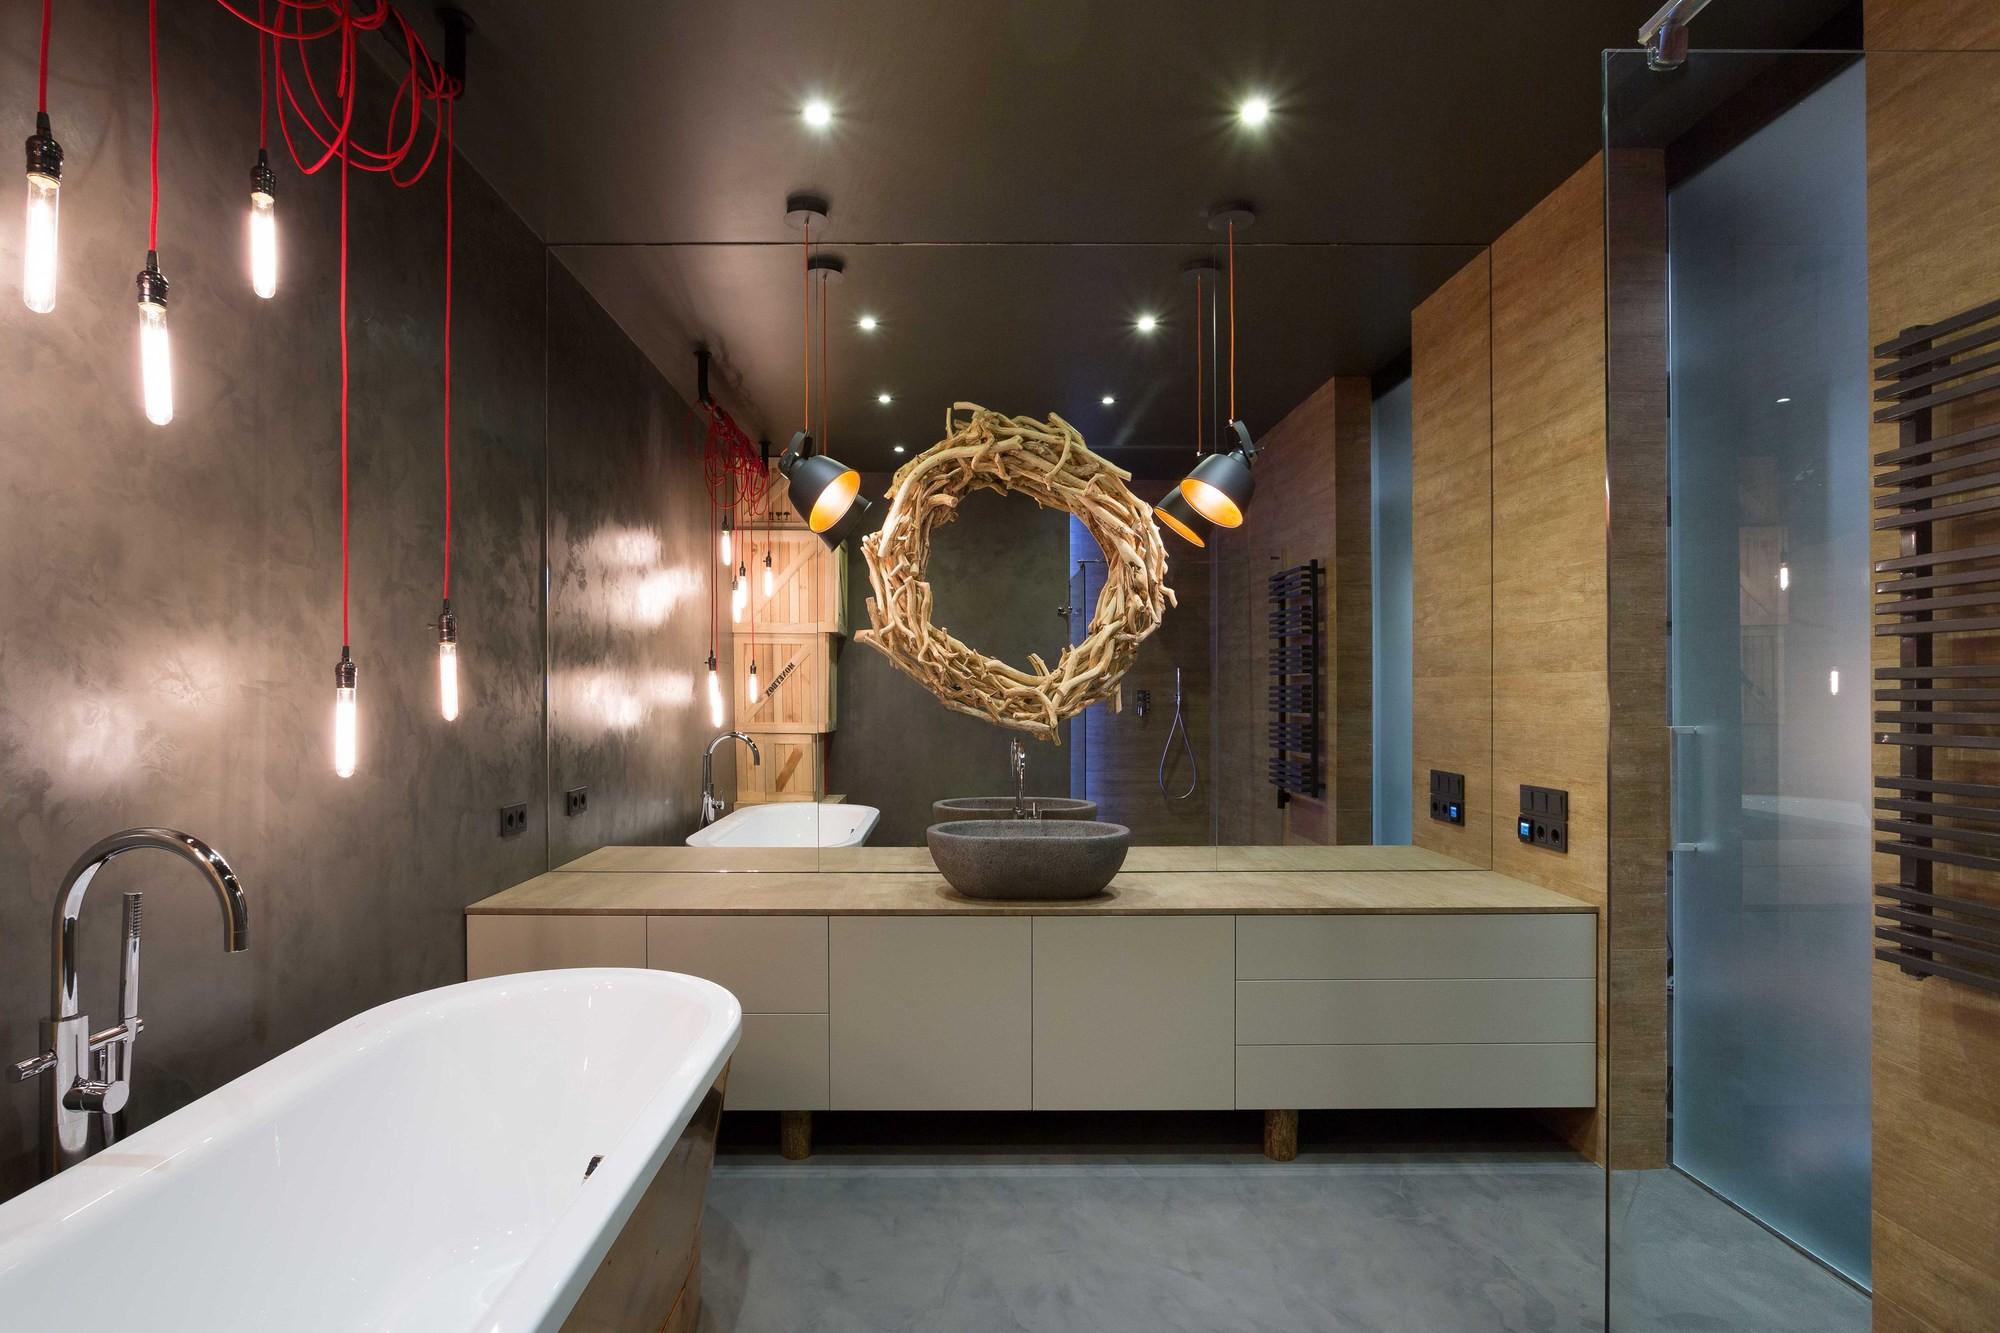 Couleurs sombres, formes simples de plomberie, armoires de salle de bain à panneau plat, système d'éclairage original définit le style général du loft